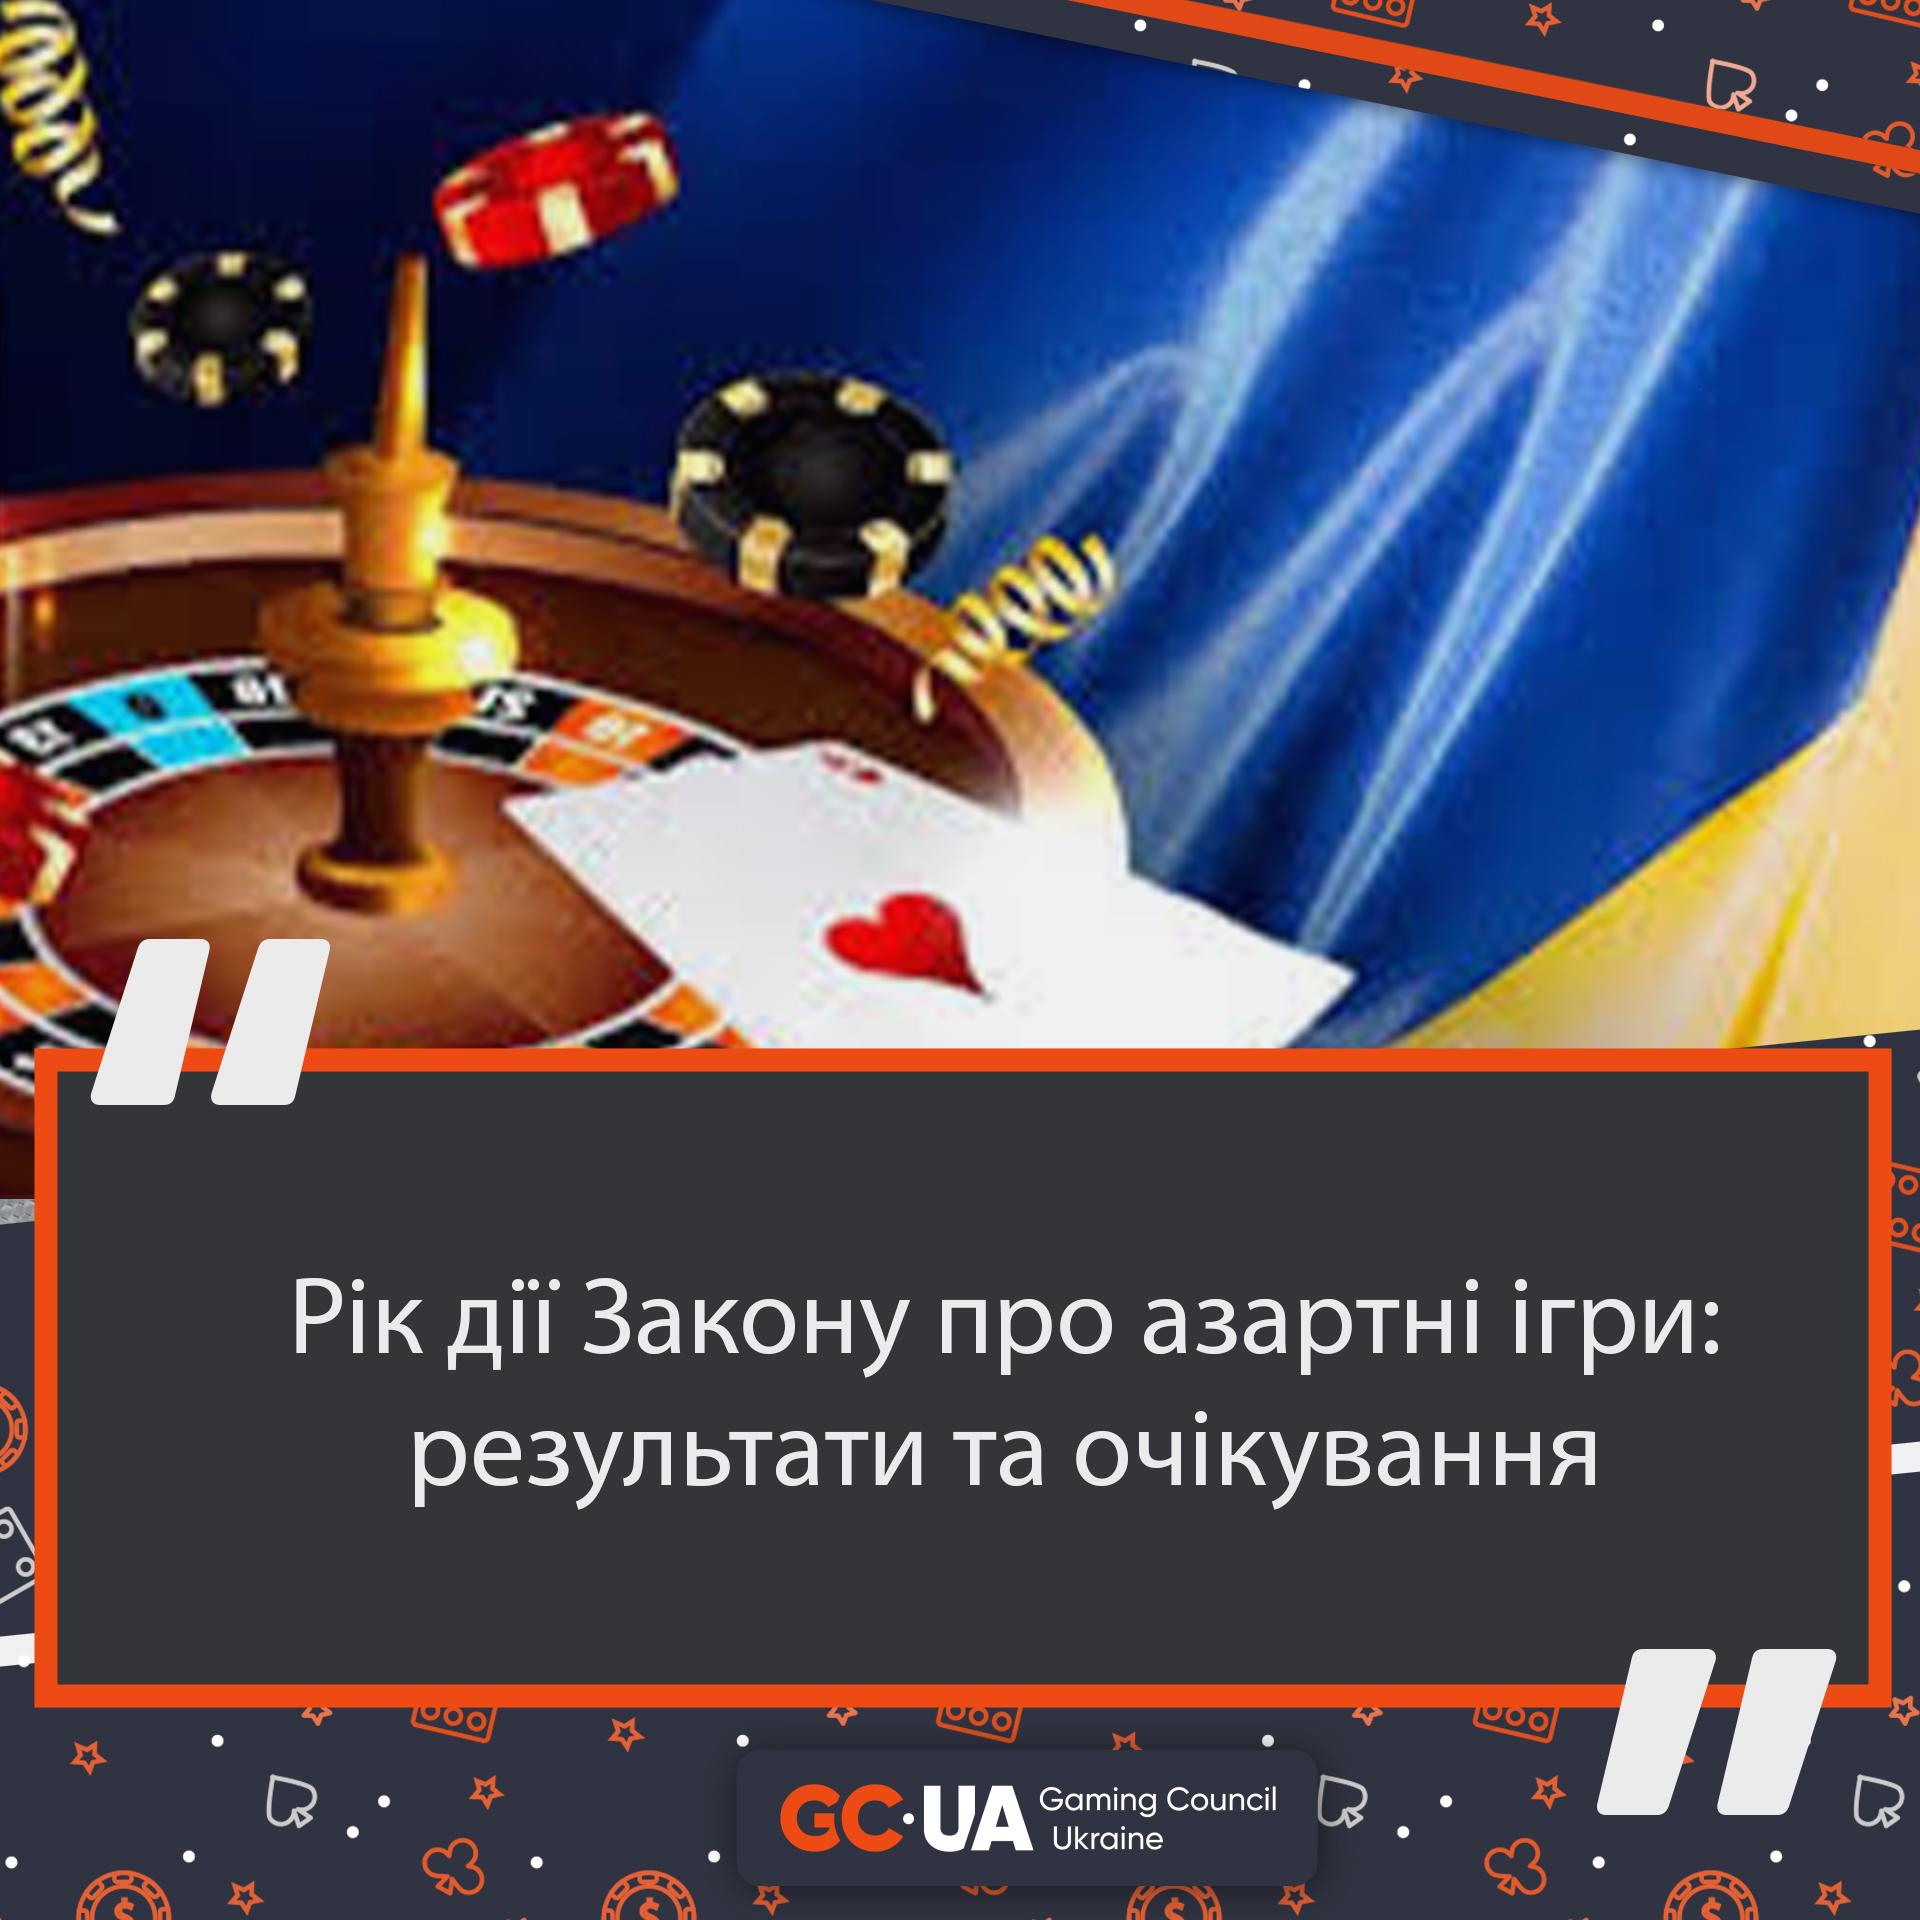 Рік дії Закону про азартні ігри: результати та очікування